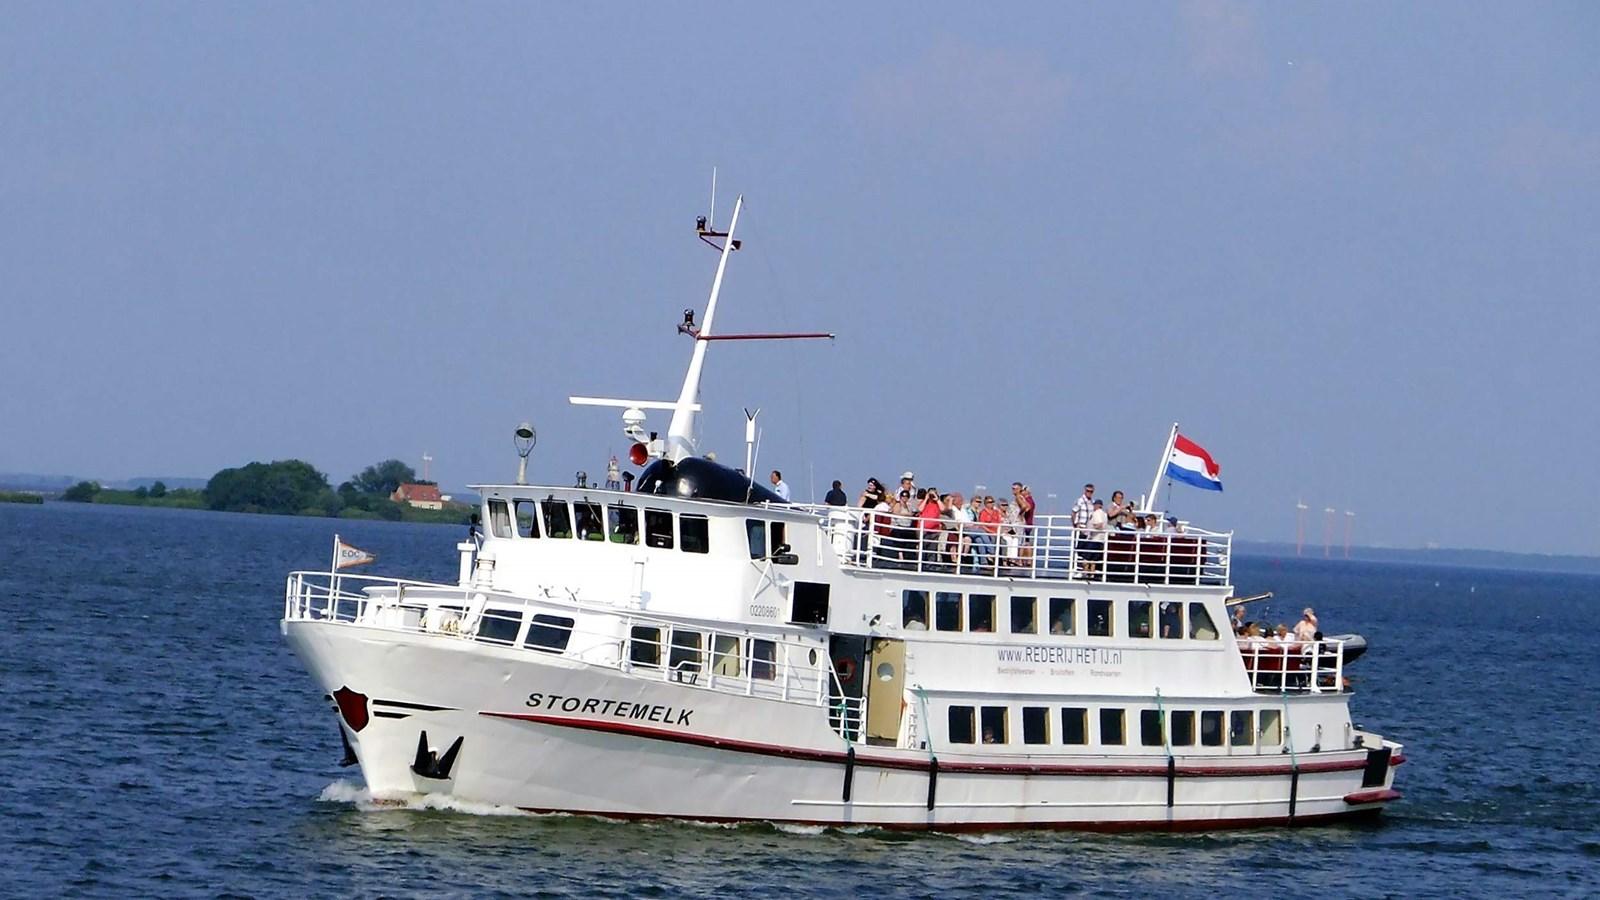 Wonderbaar Deze zomer bootverbinding tussen Amsterdam en Zuiderzeemuseum QW-48